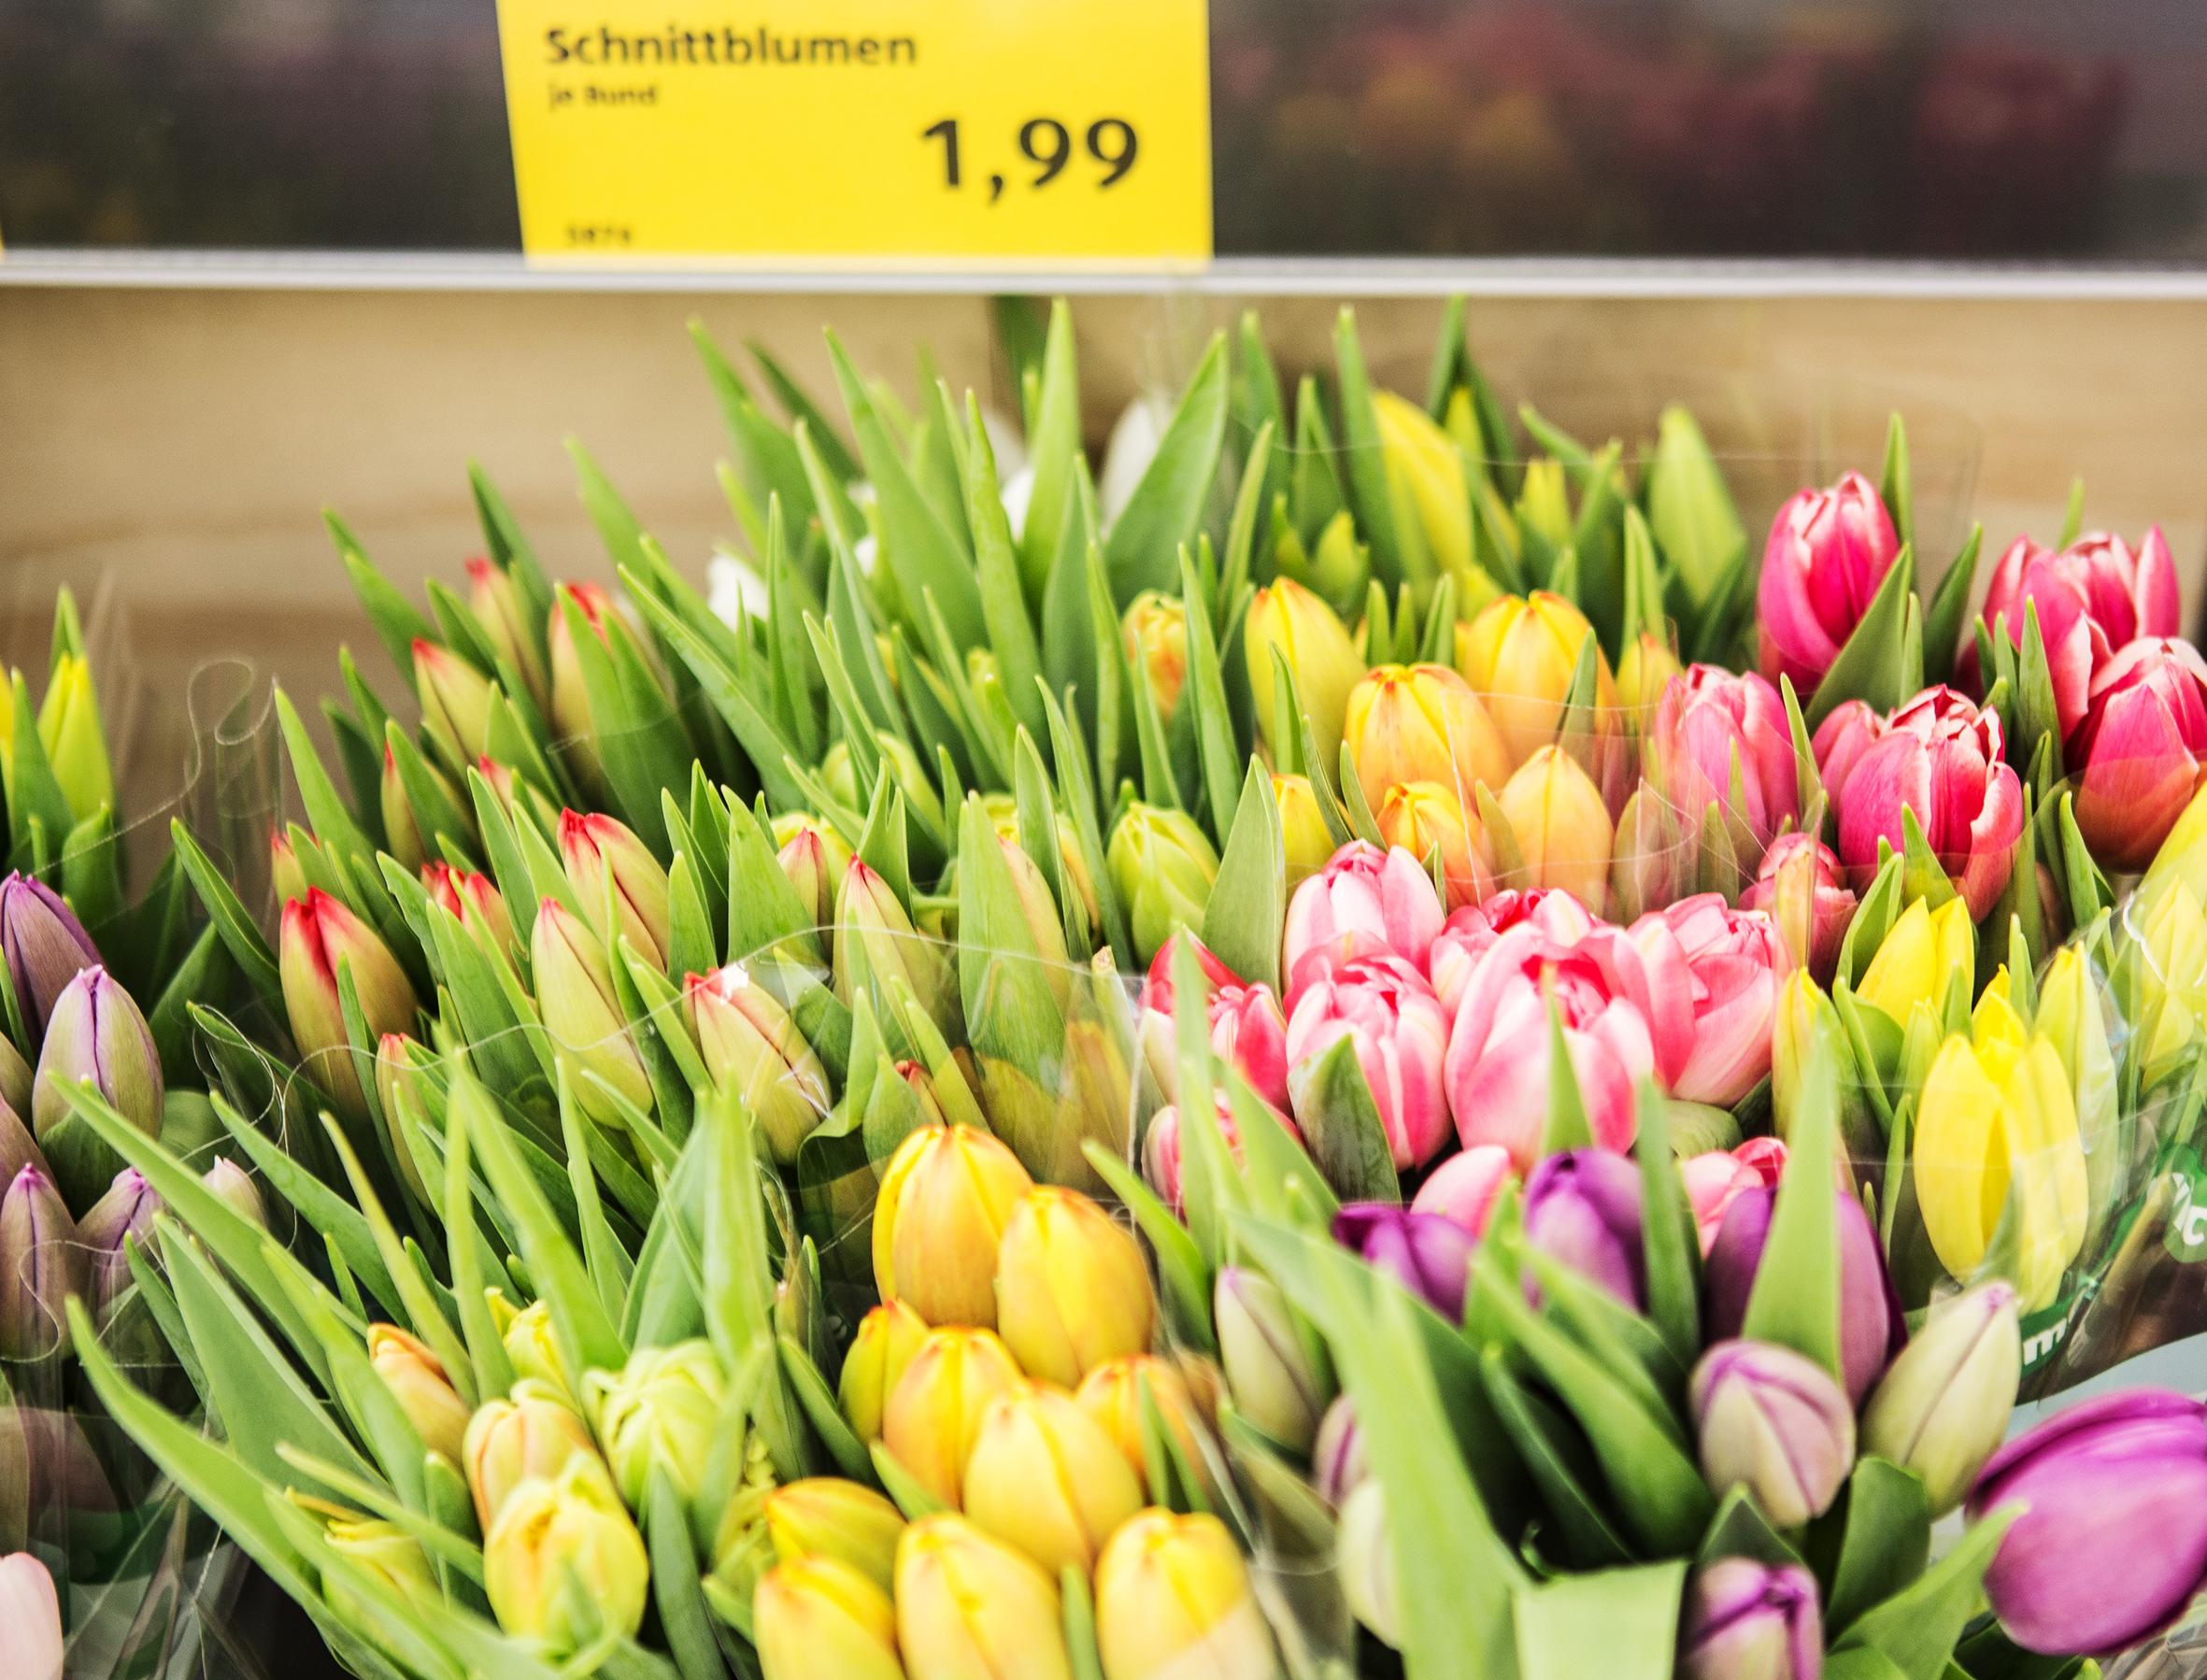 Blumen pflanzen  ALDI handelt nachhaltige Blumen und Pflanzen | Pressemitteilung ALDI